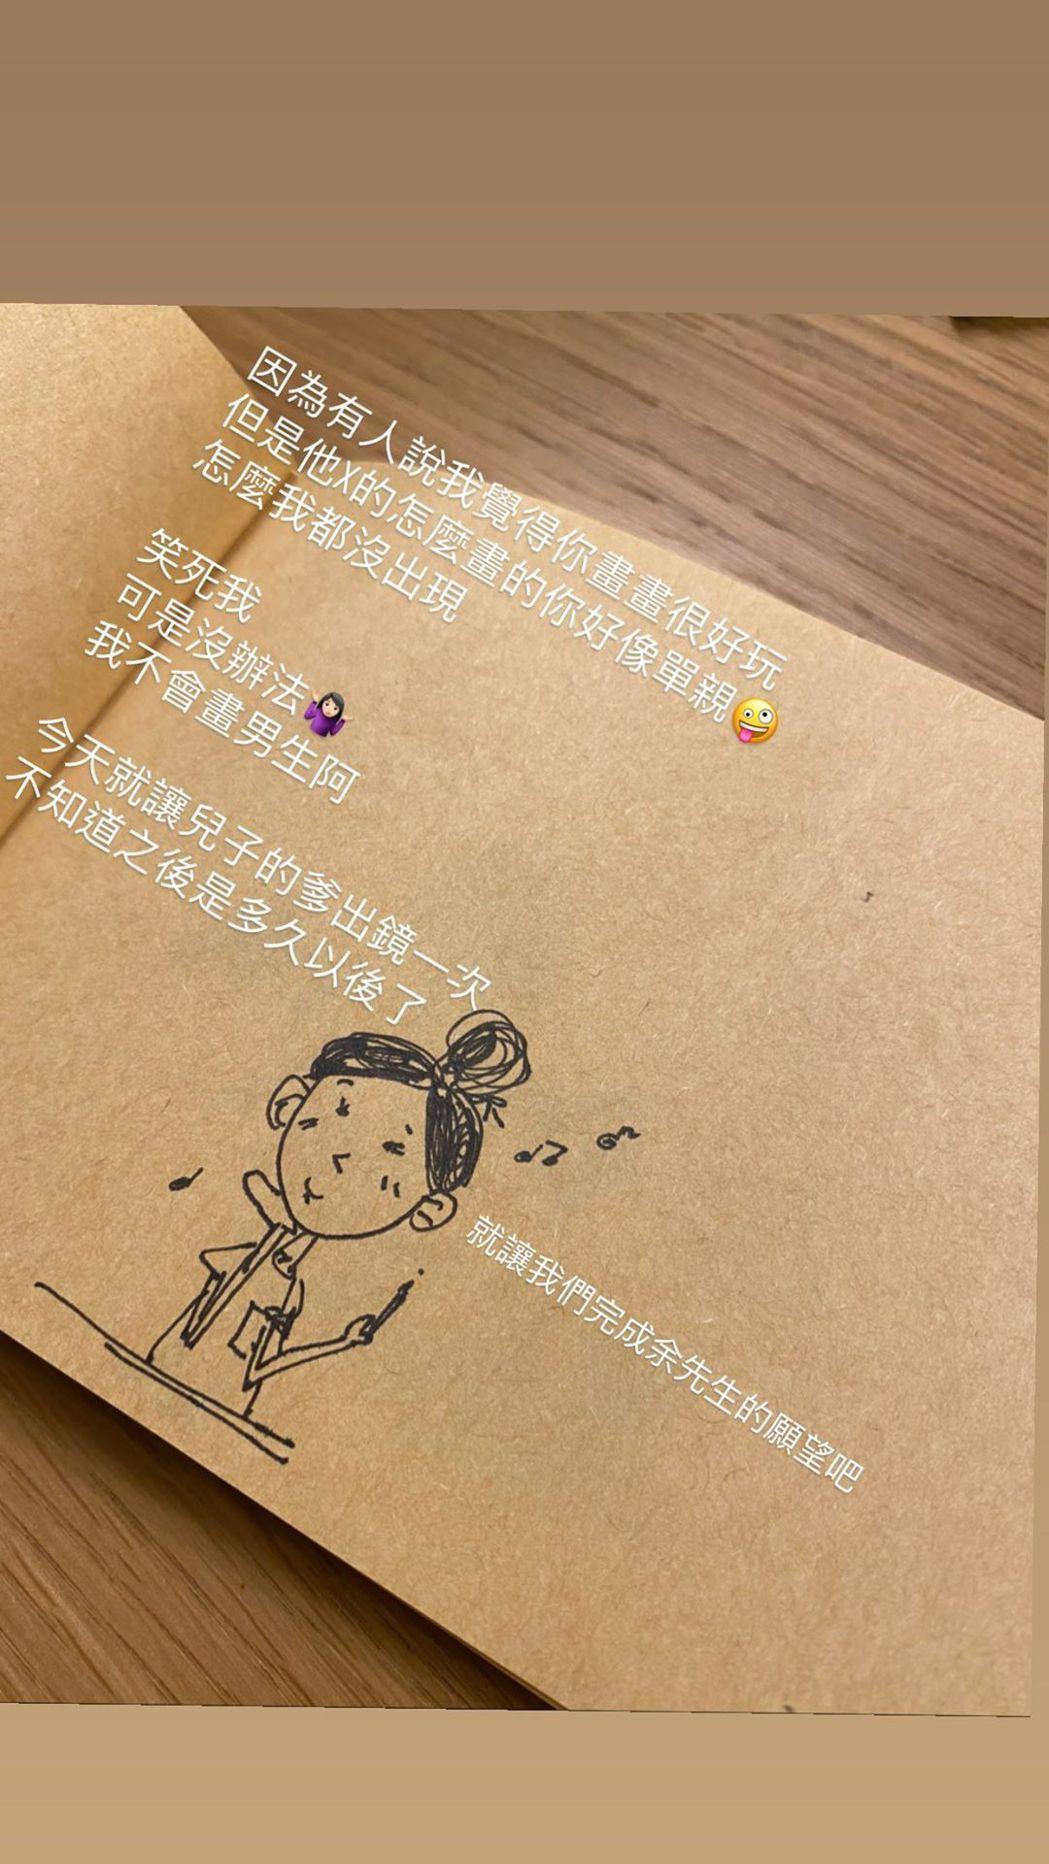 余文樂抱怨老婆的插畫像少了他。圖/擷自instagram。